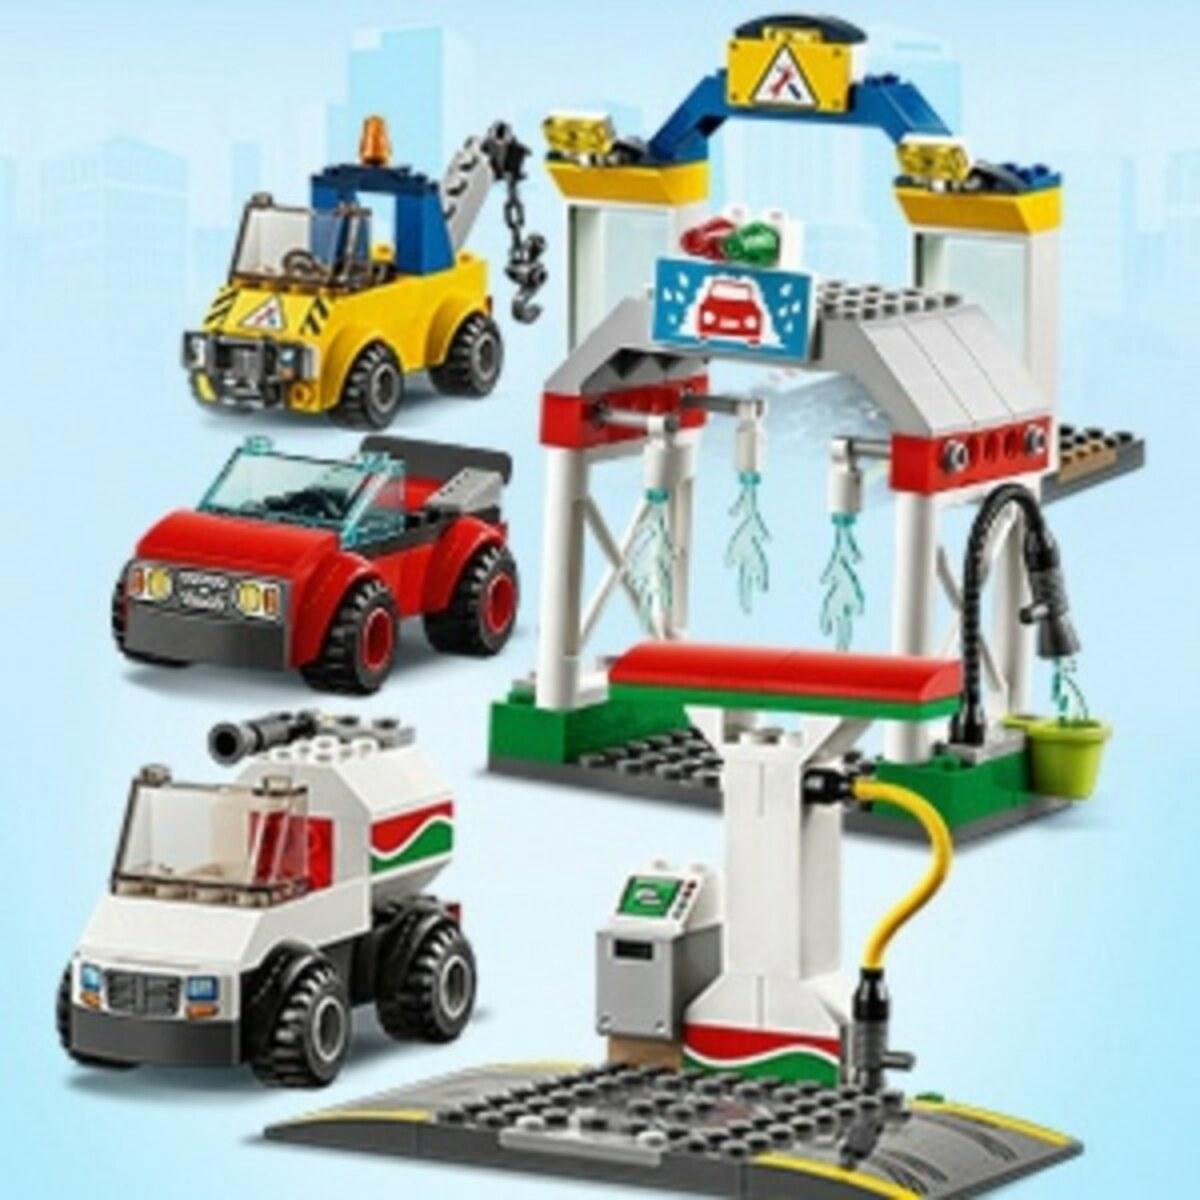 Bild 3 von LEGO City - 60232 Autowerkstatt